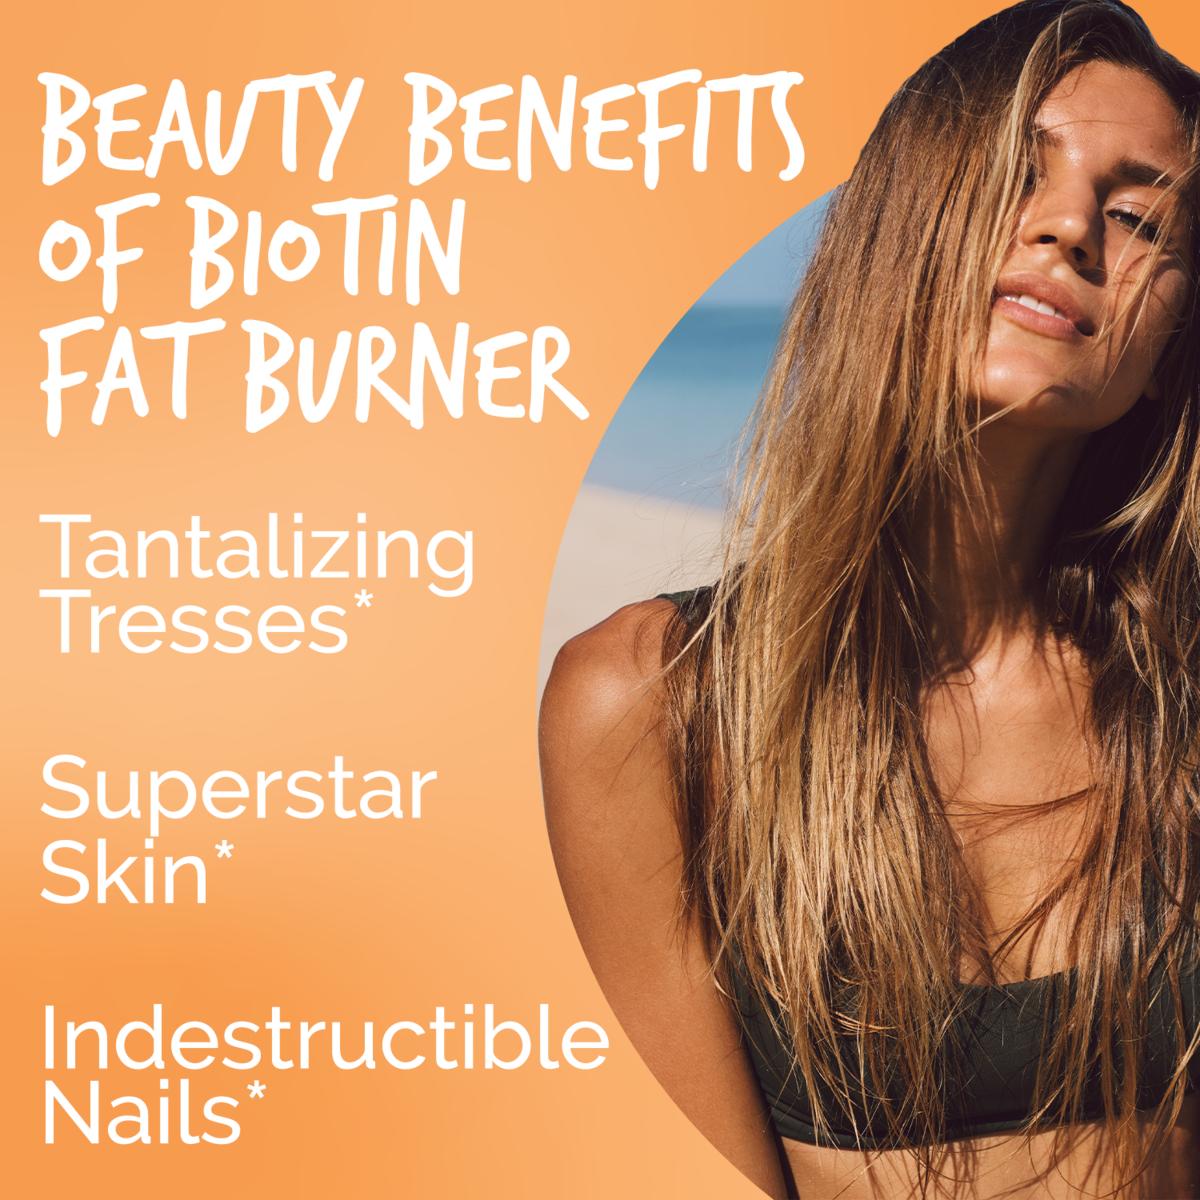 LxH Biotin Fat Burner